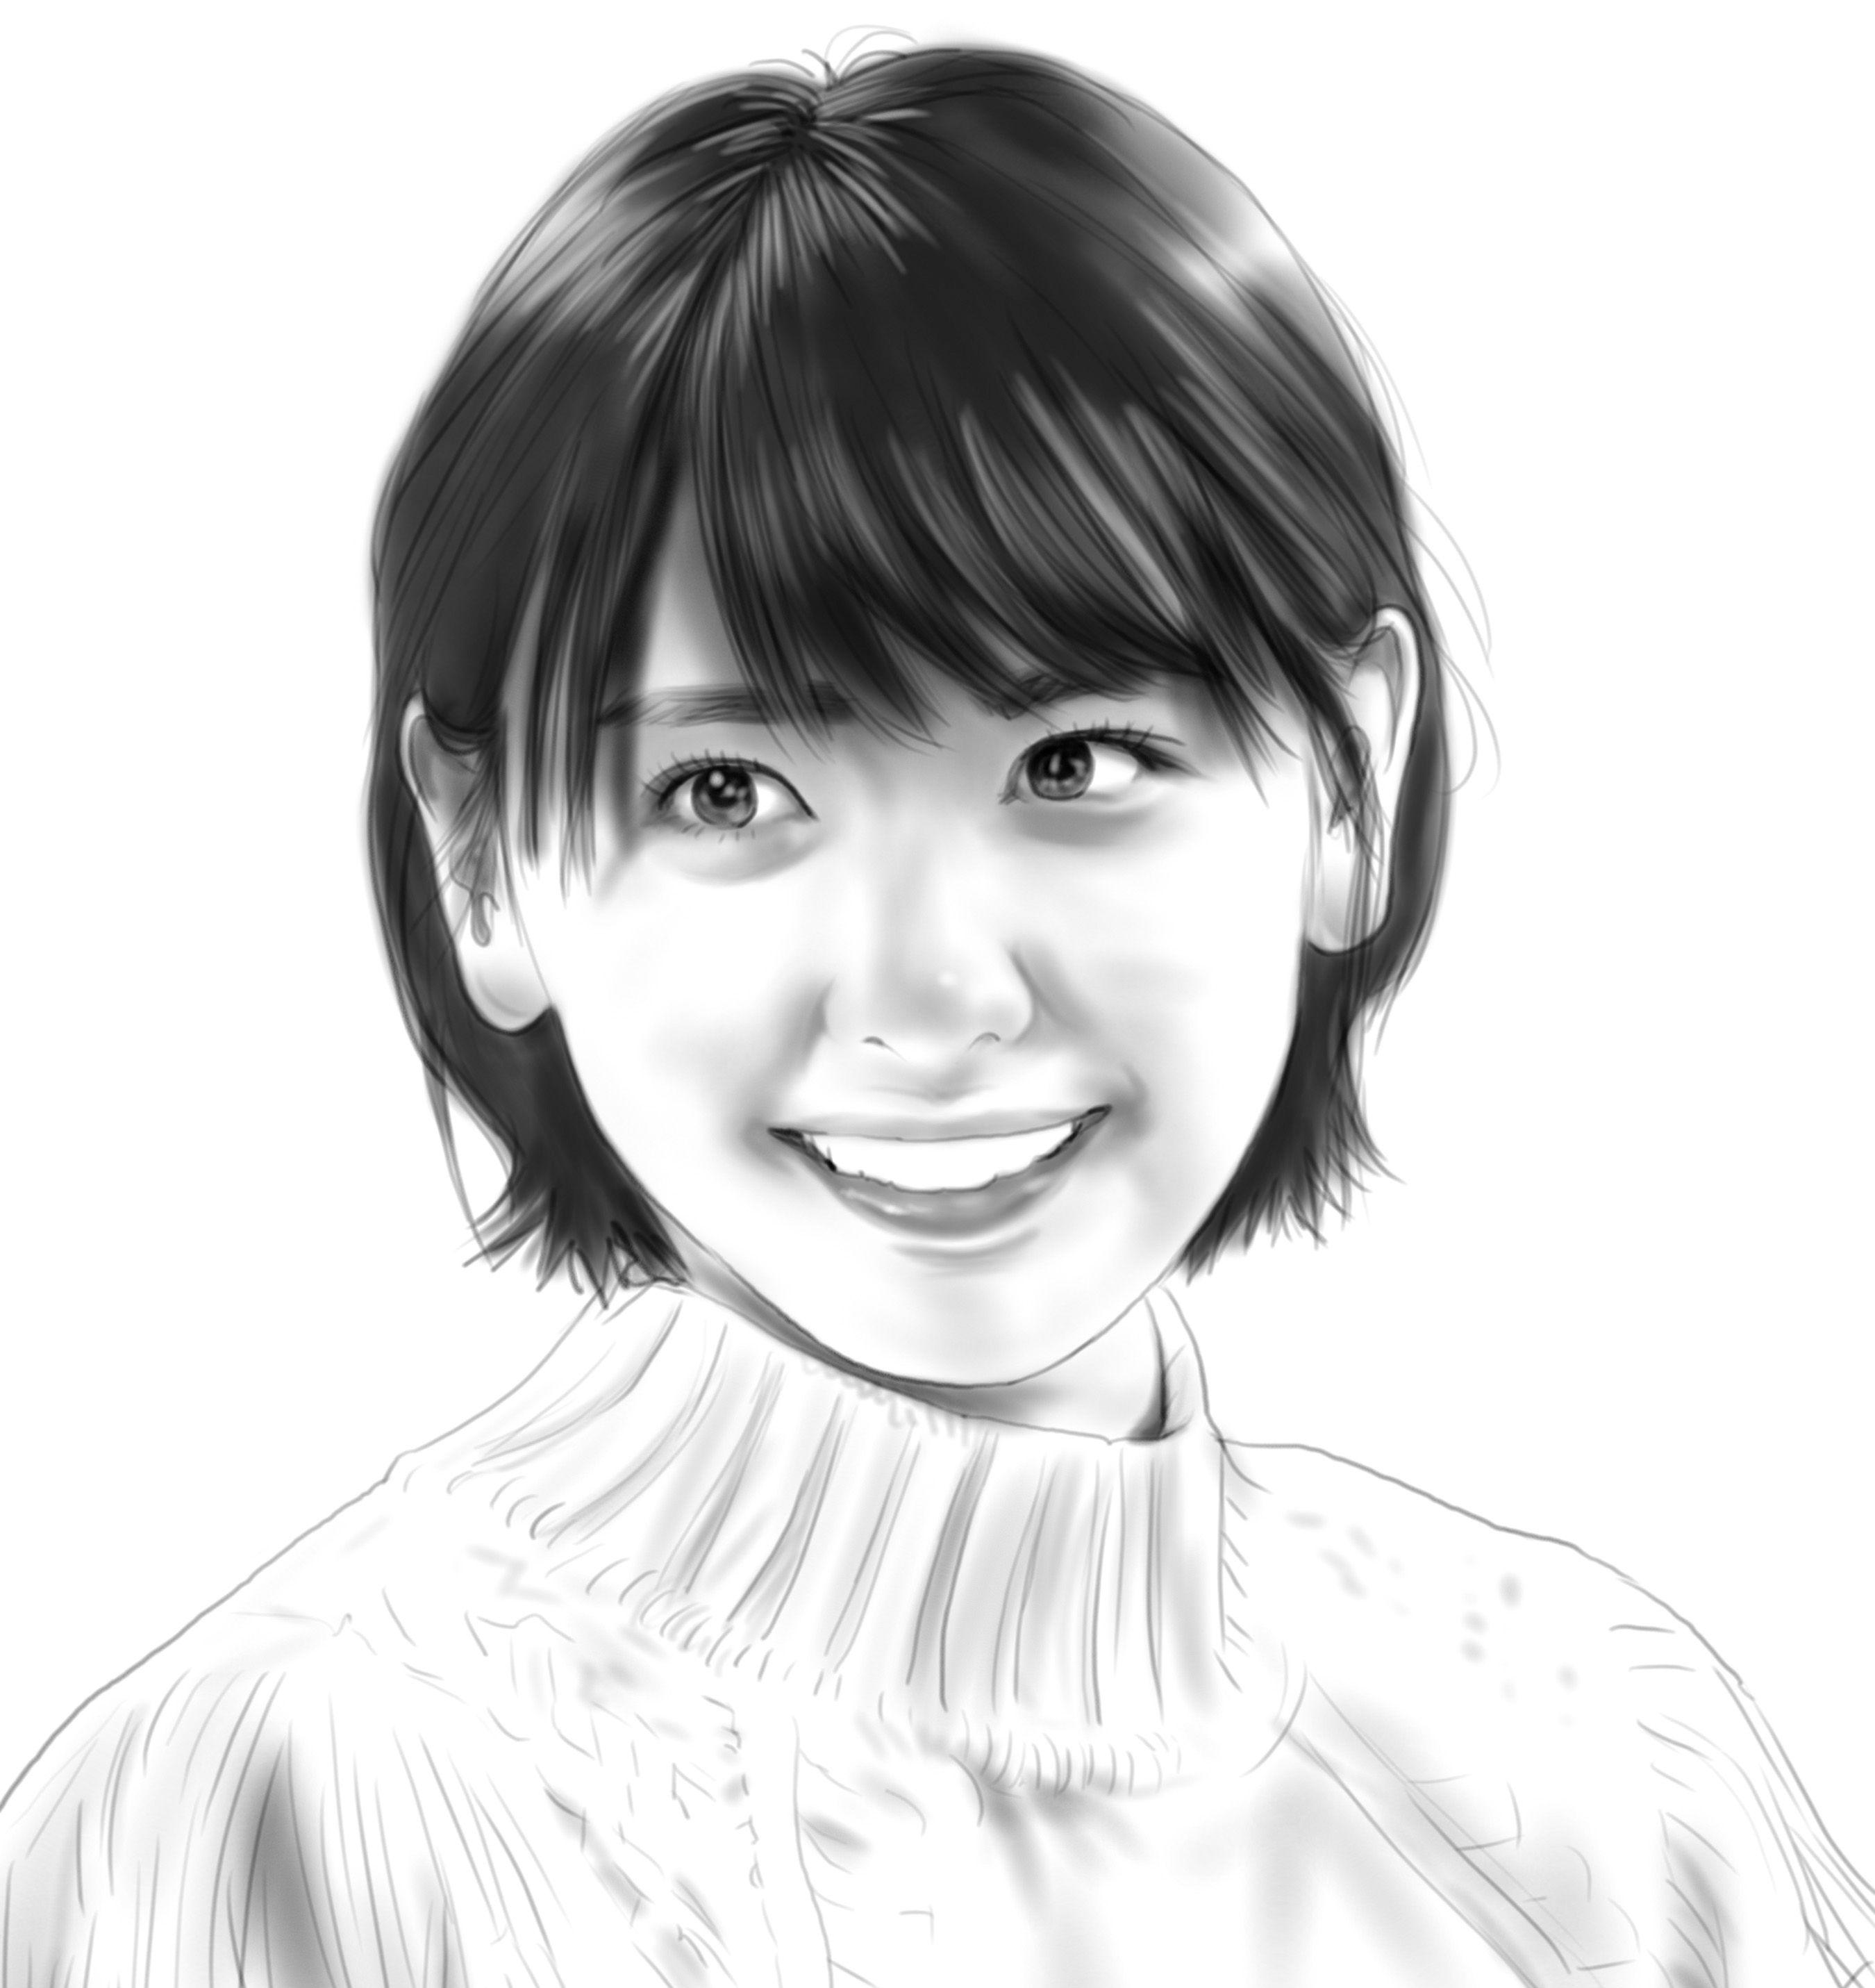 新垣結衣さん 似顔絵 イラスト イラストレーション 女優 新垣